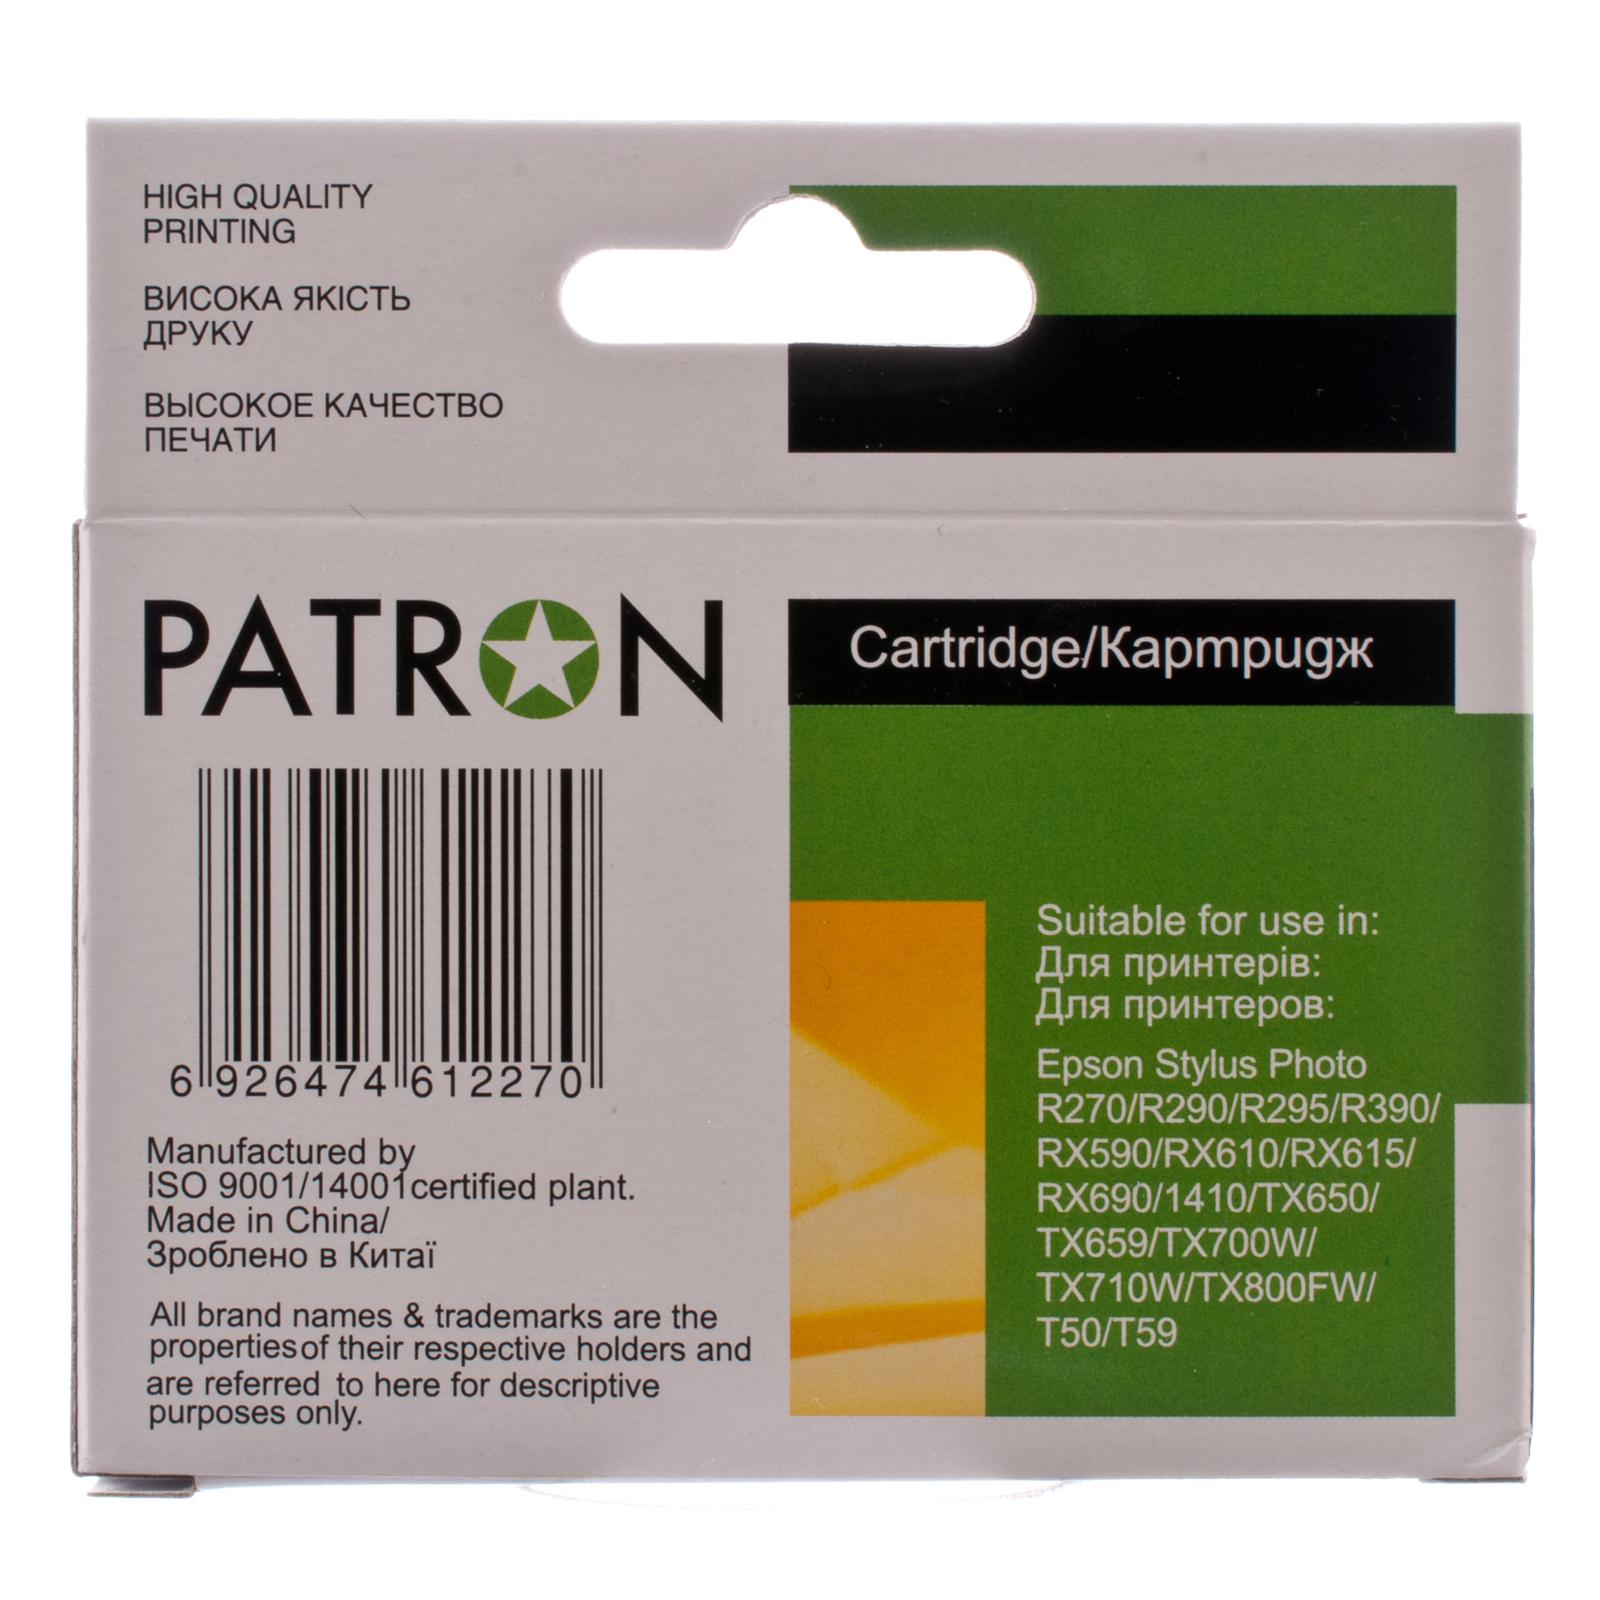 Картридж PATRON для EPSON R270/290/390/RX590 LIGHT CYAN (PN-0825) (CI-EPS-T08154-LC3-PN) изображение 5